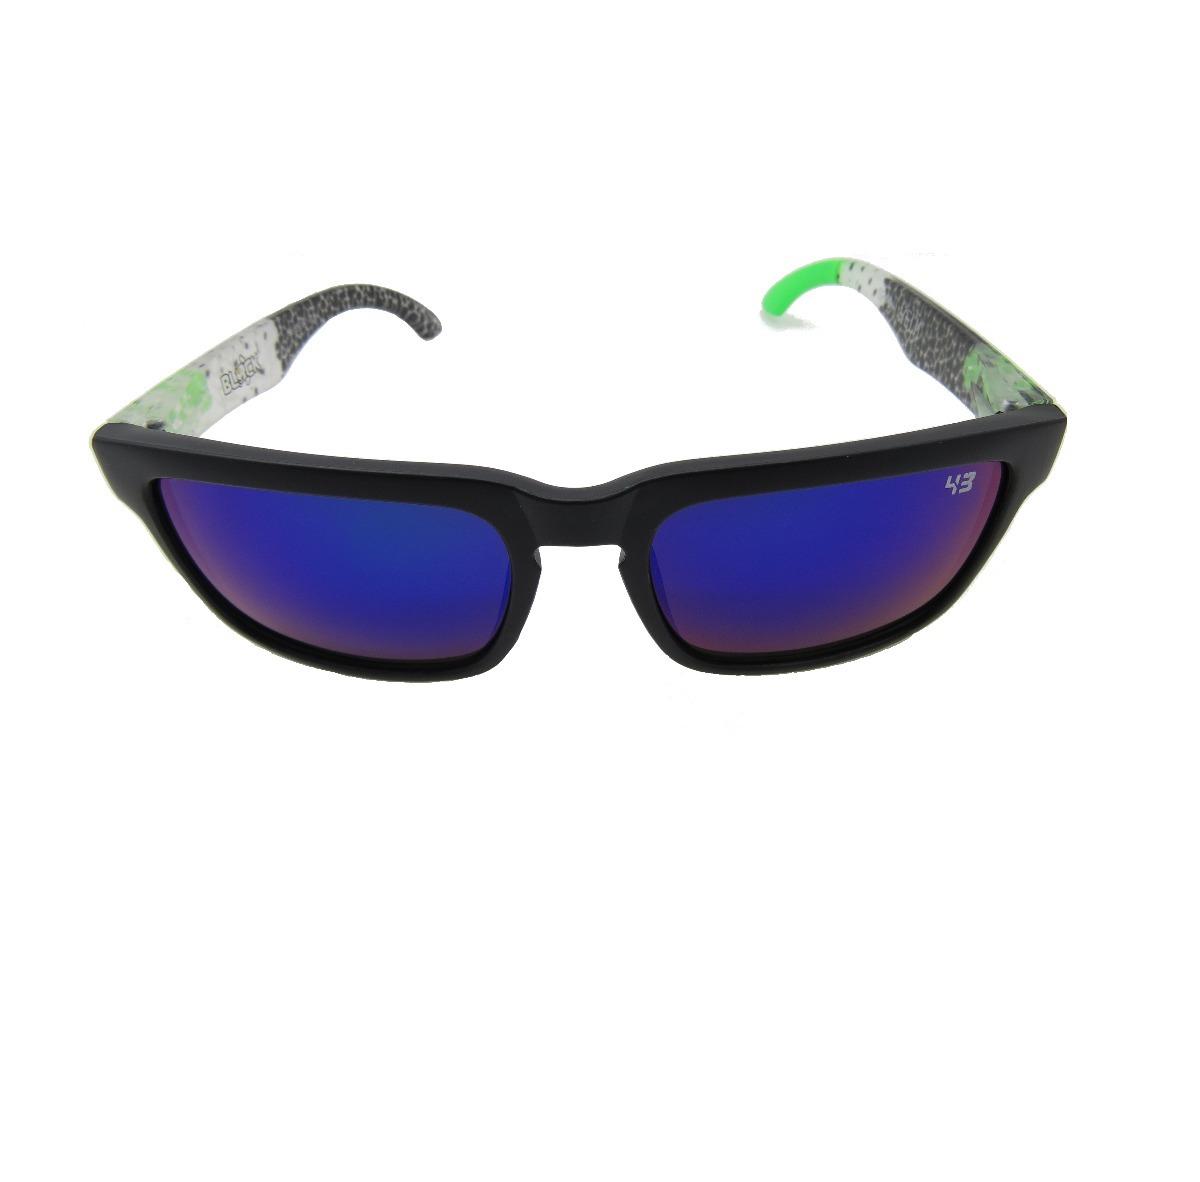 bba78a1f69210 Óculos De Sol Spy + Ken Block Helm Com Proteção Uv - R  44,90 em ...